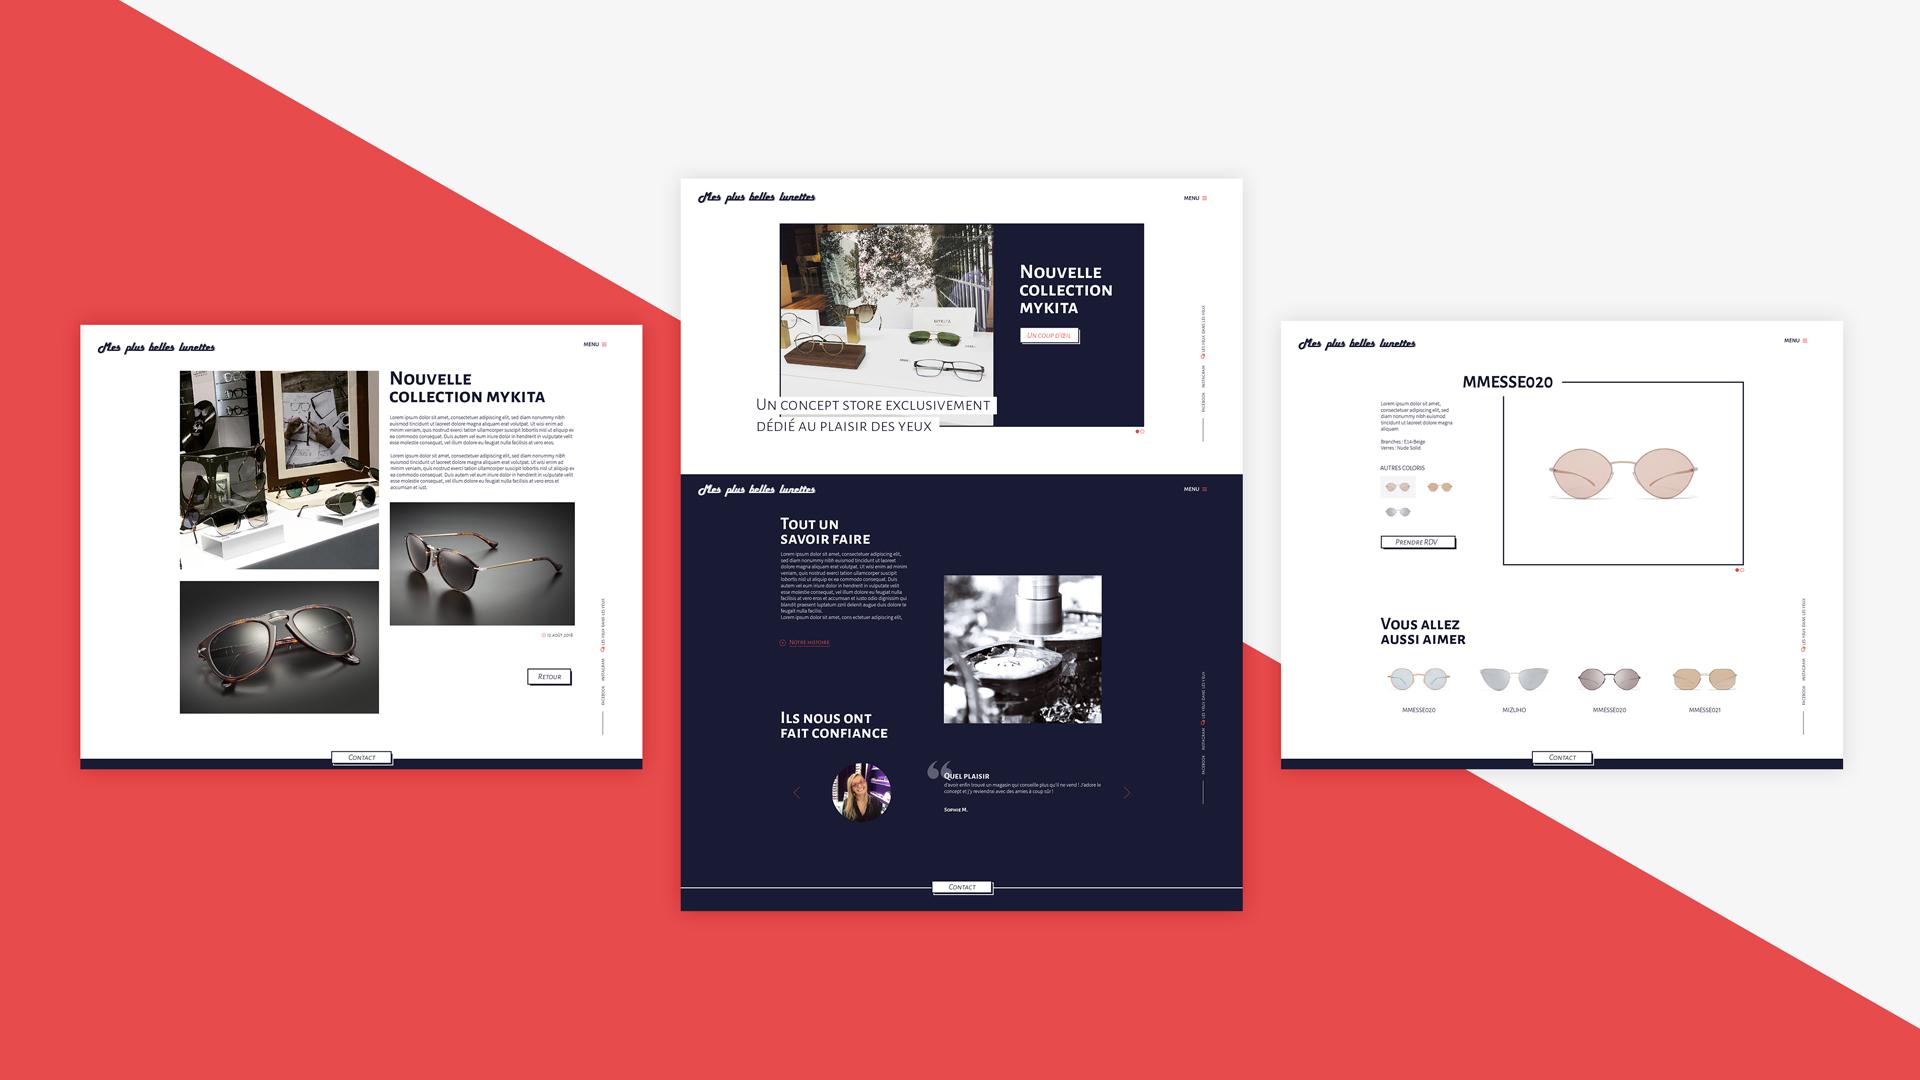 Vues desktop sites web Mes Plus Belles Lunettes